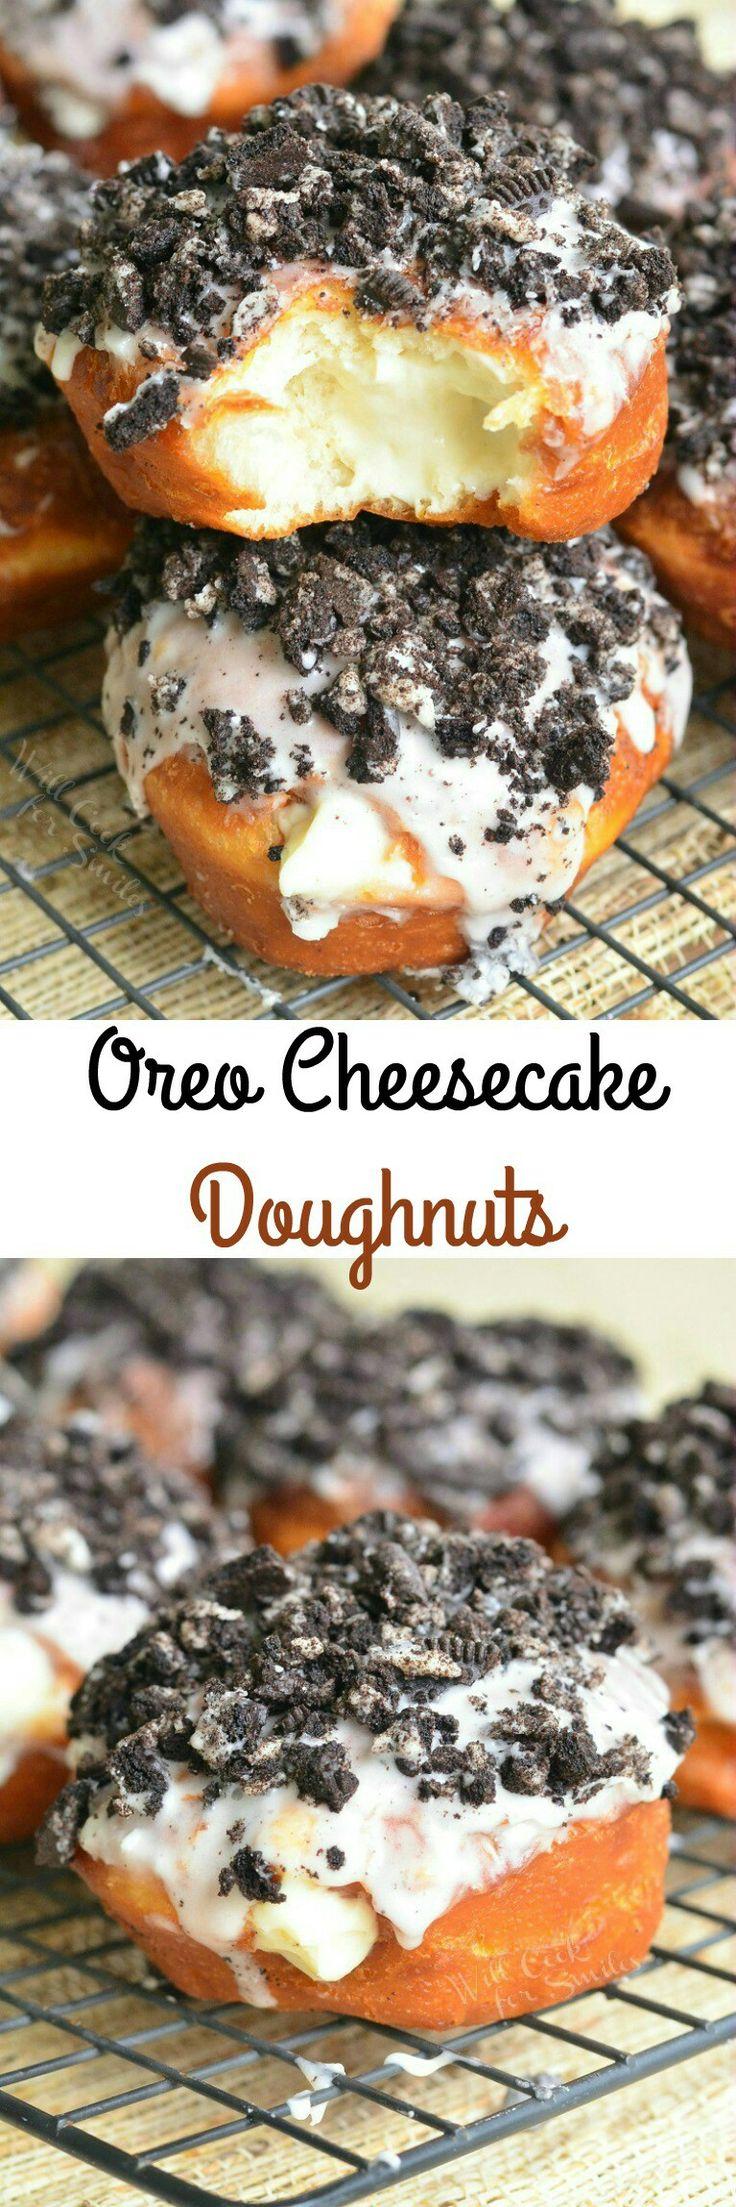 Oreo cheesecake doughnuts